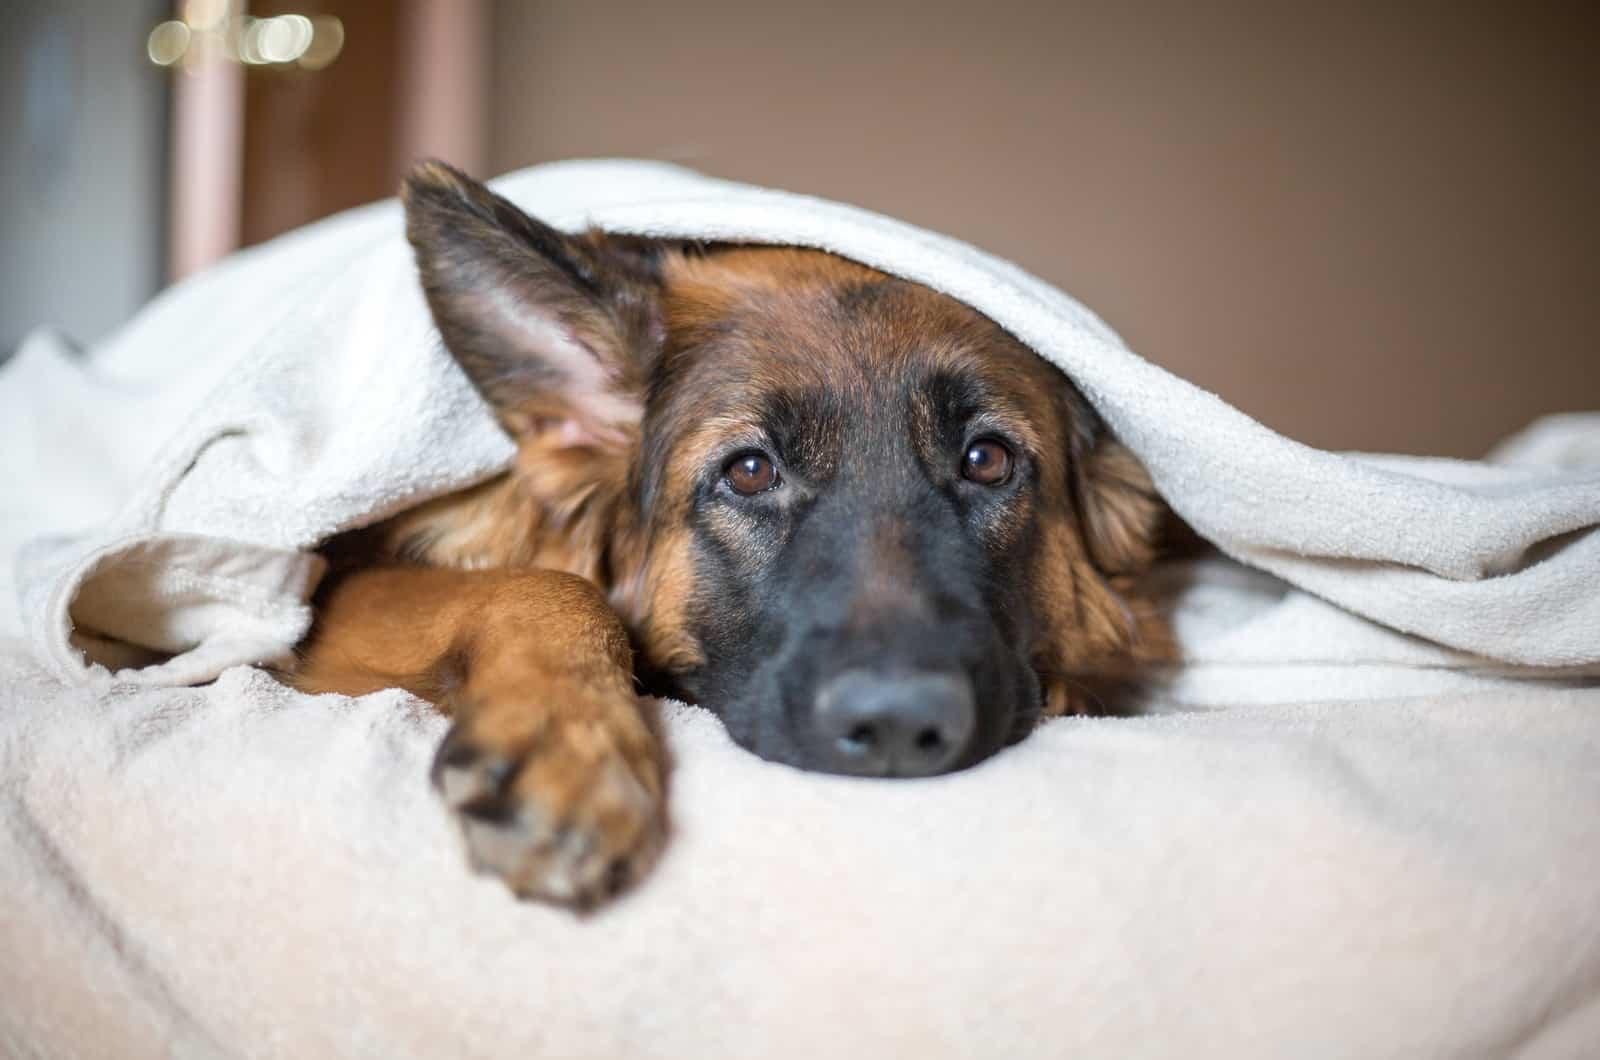 german shepherd covered in blanket